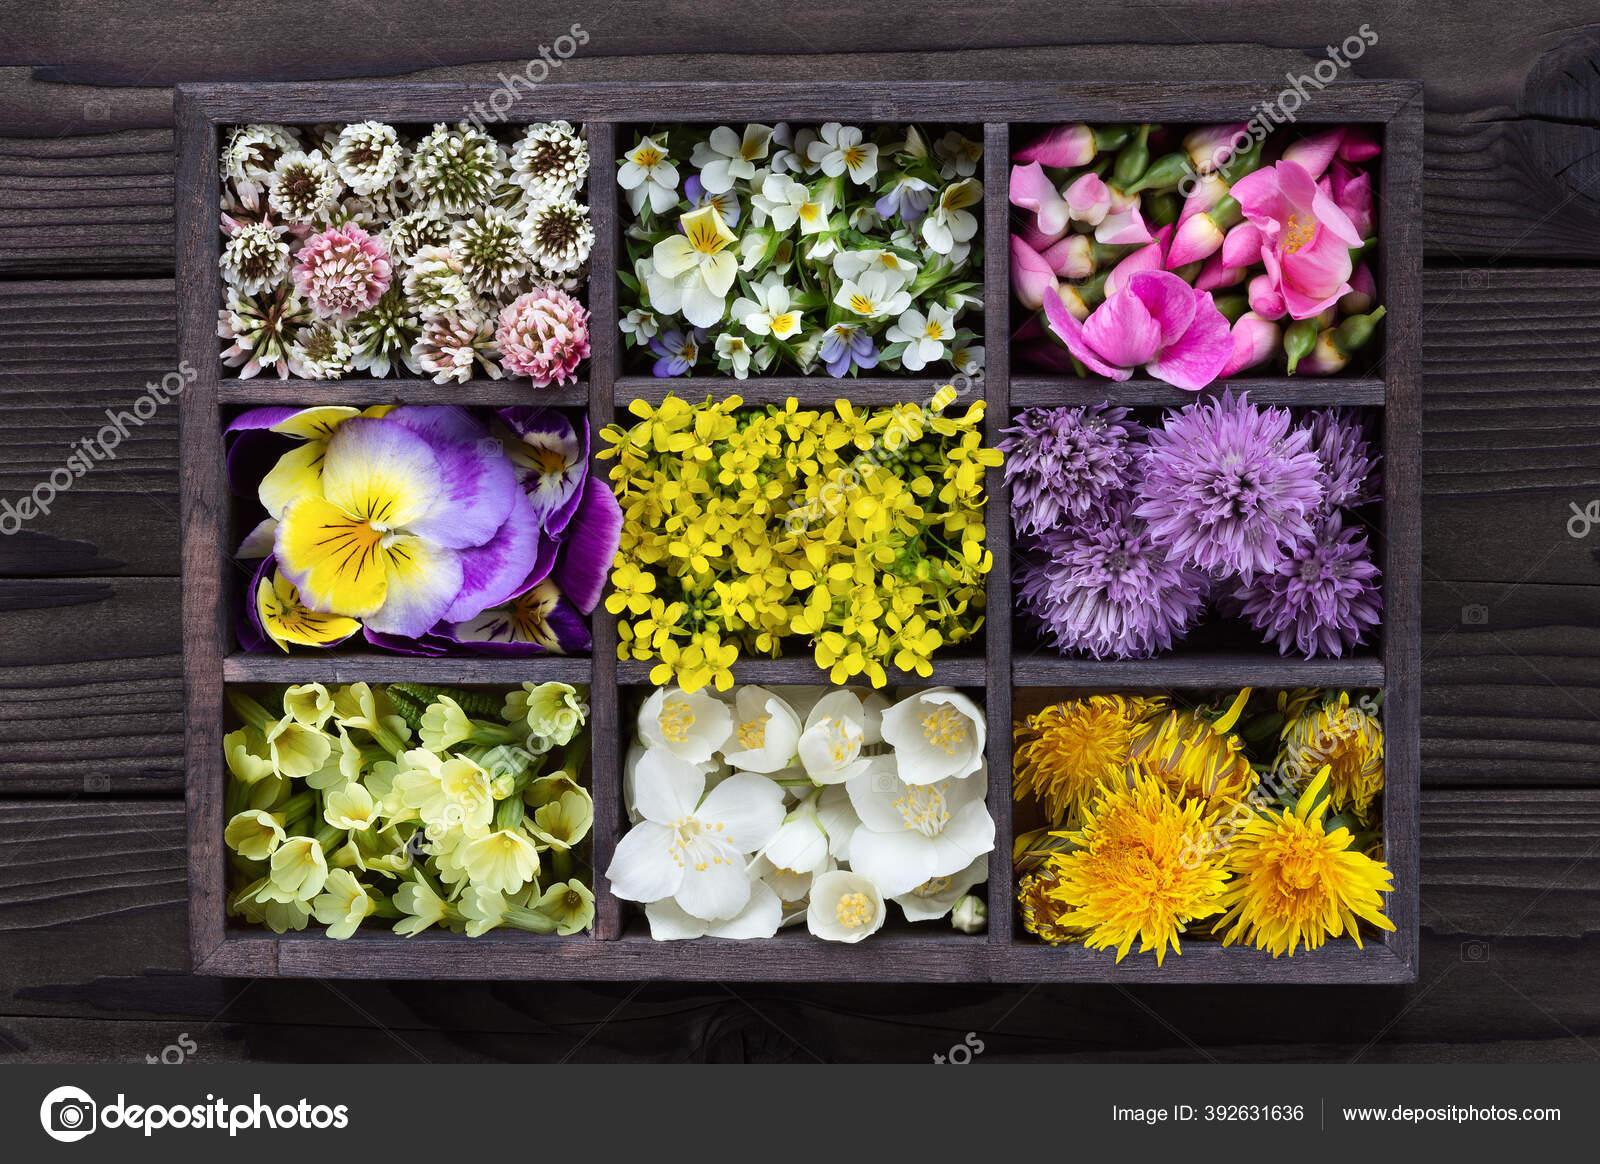 Seperangkat Bunga Yang Bisa Dimakan Dalam Kotak Kayu Gelap Koleksi Stok Foto C Natalia K 392631636